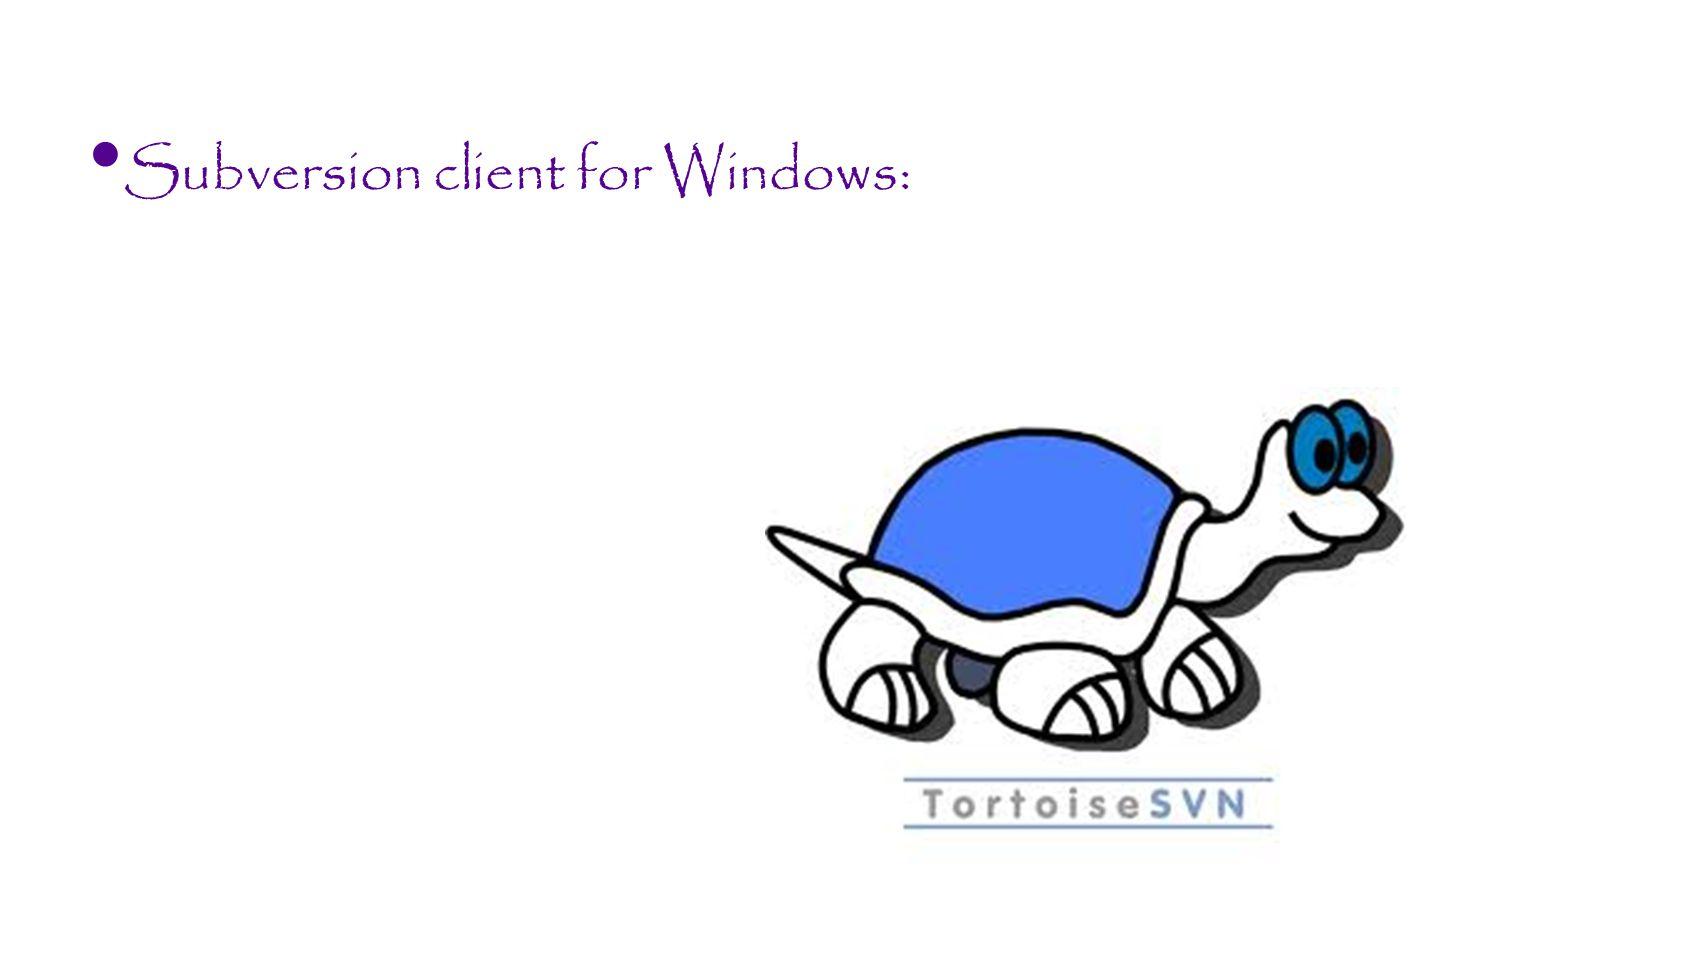 Subversion client for Windows: